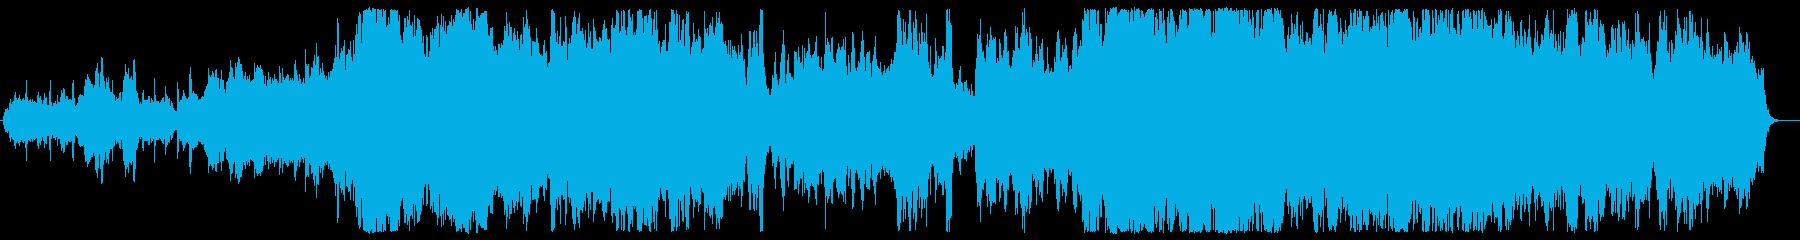 ミステリー・ドラマ風の冷たいカルテットの再生済みの波形